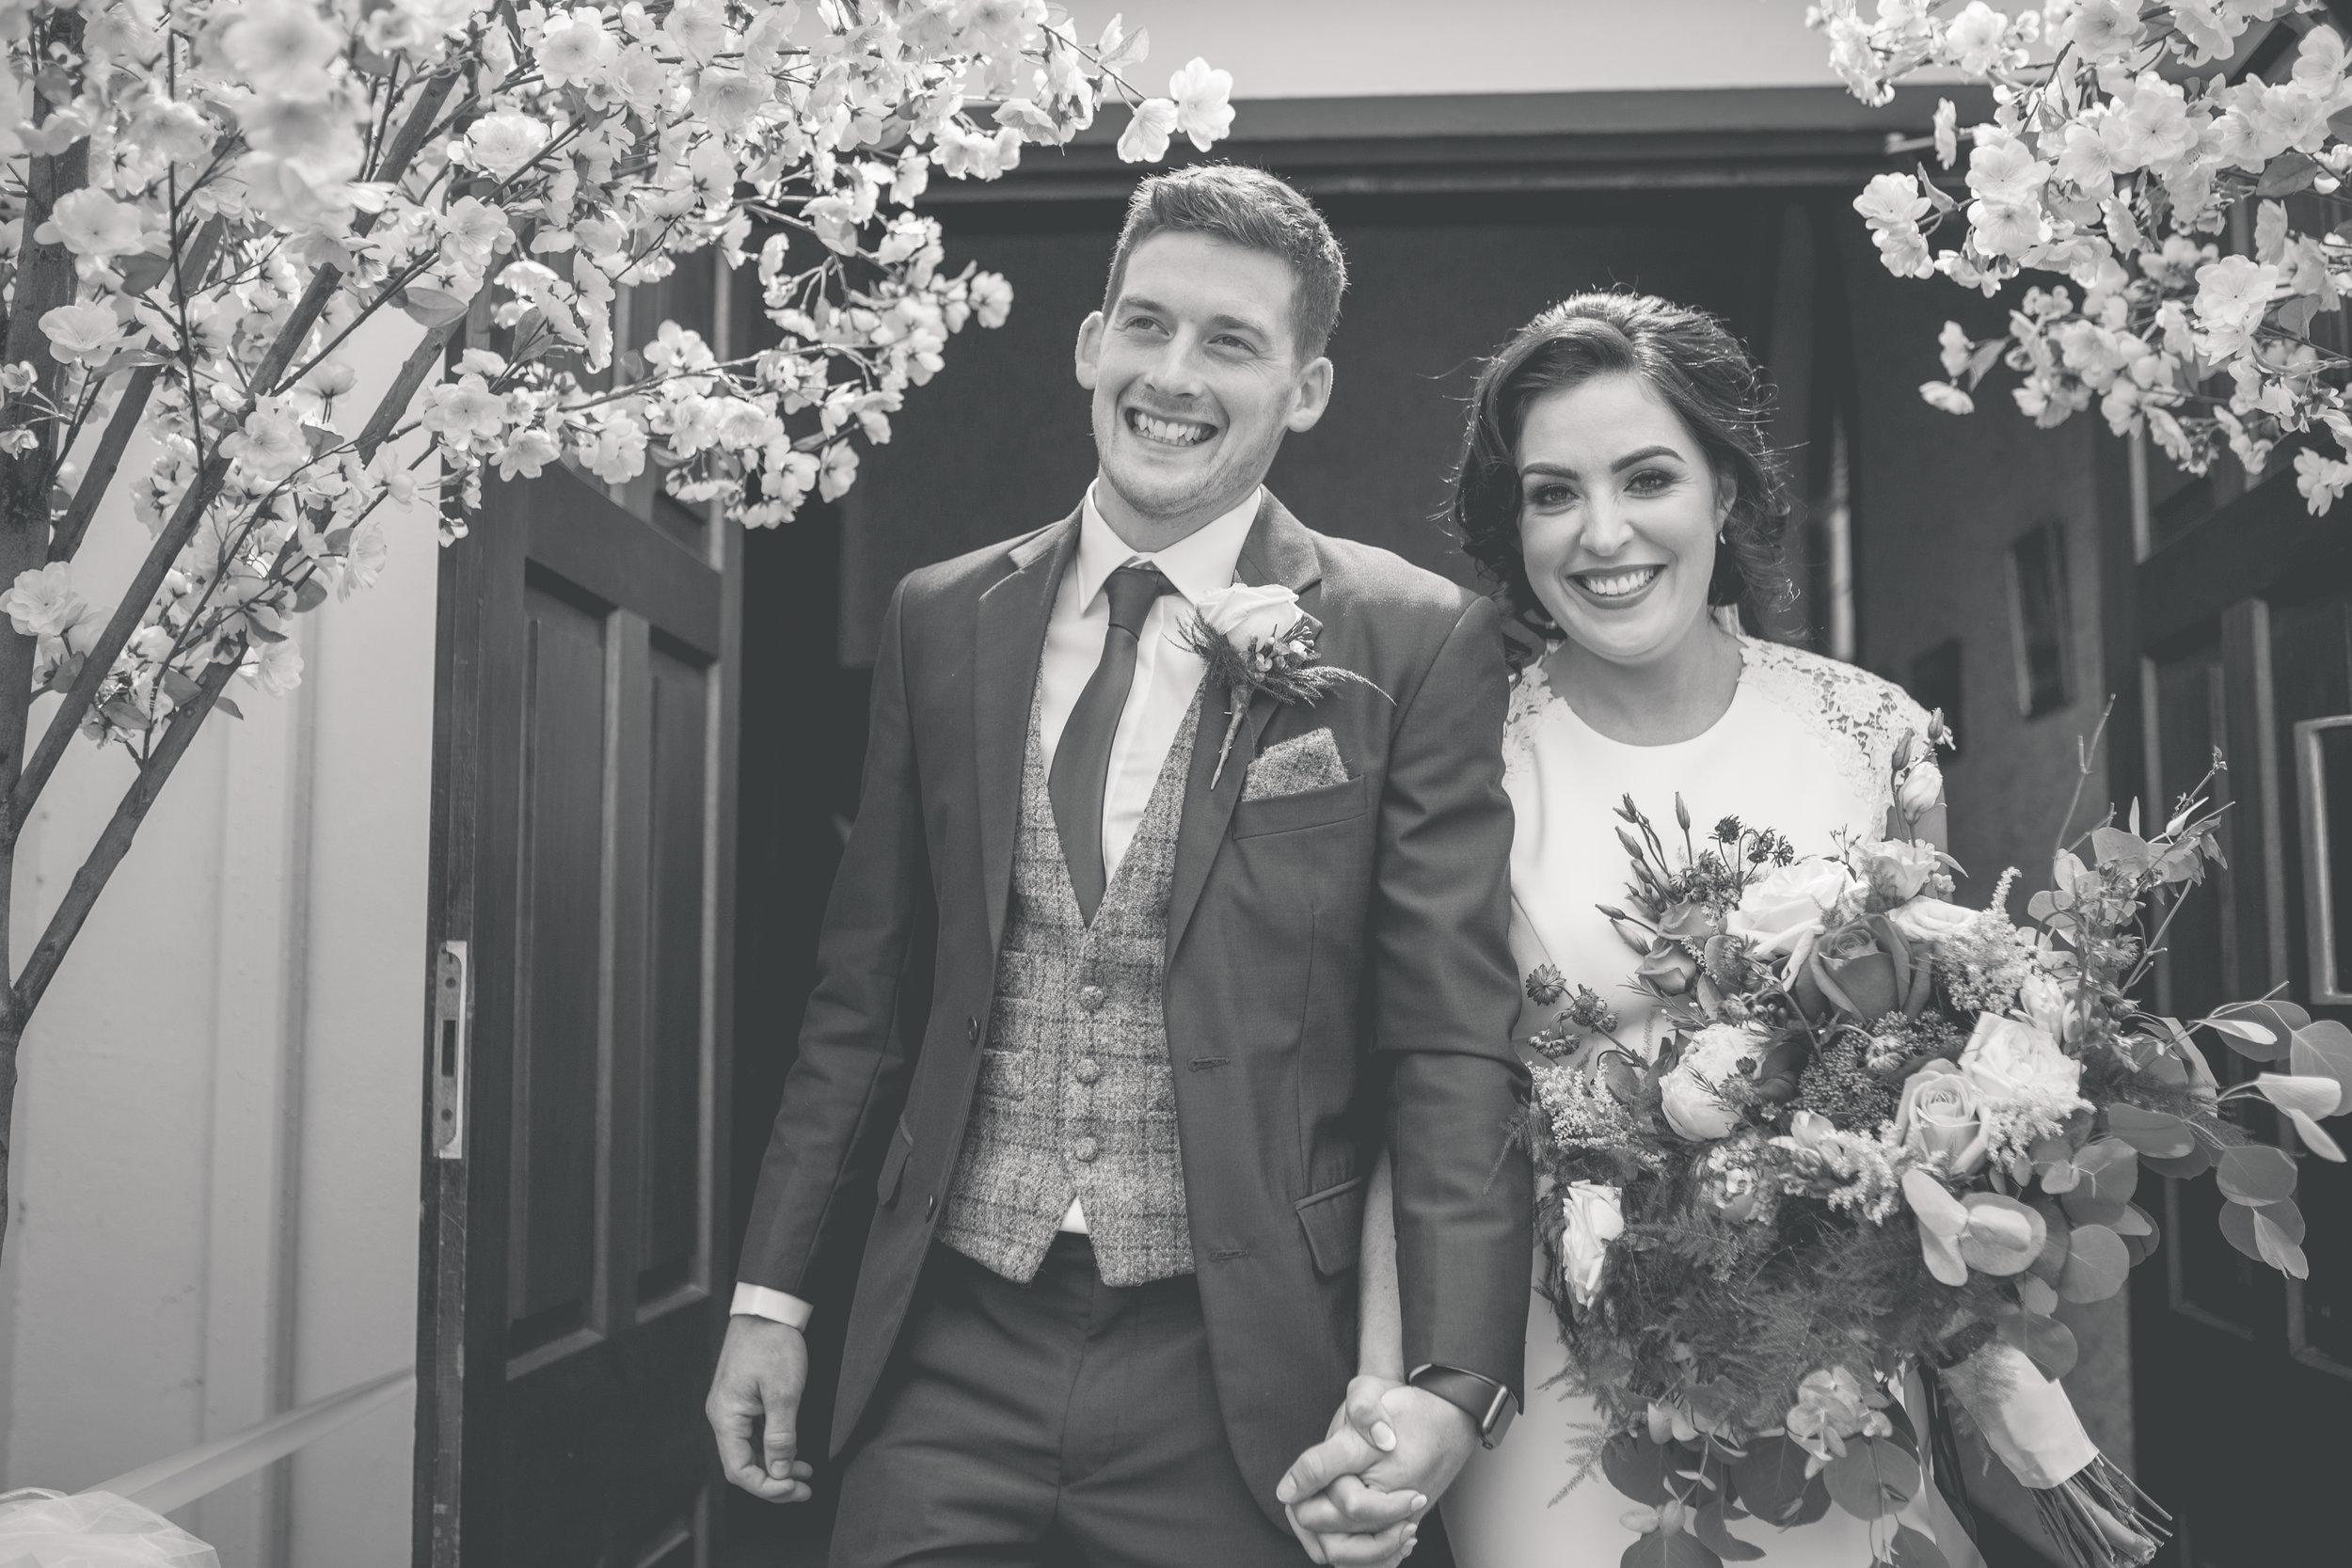 Brian McEwan Wedding Photography   Carol-Anne & Sean   The Ceremony-82.jpg